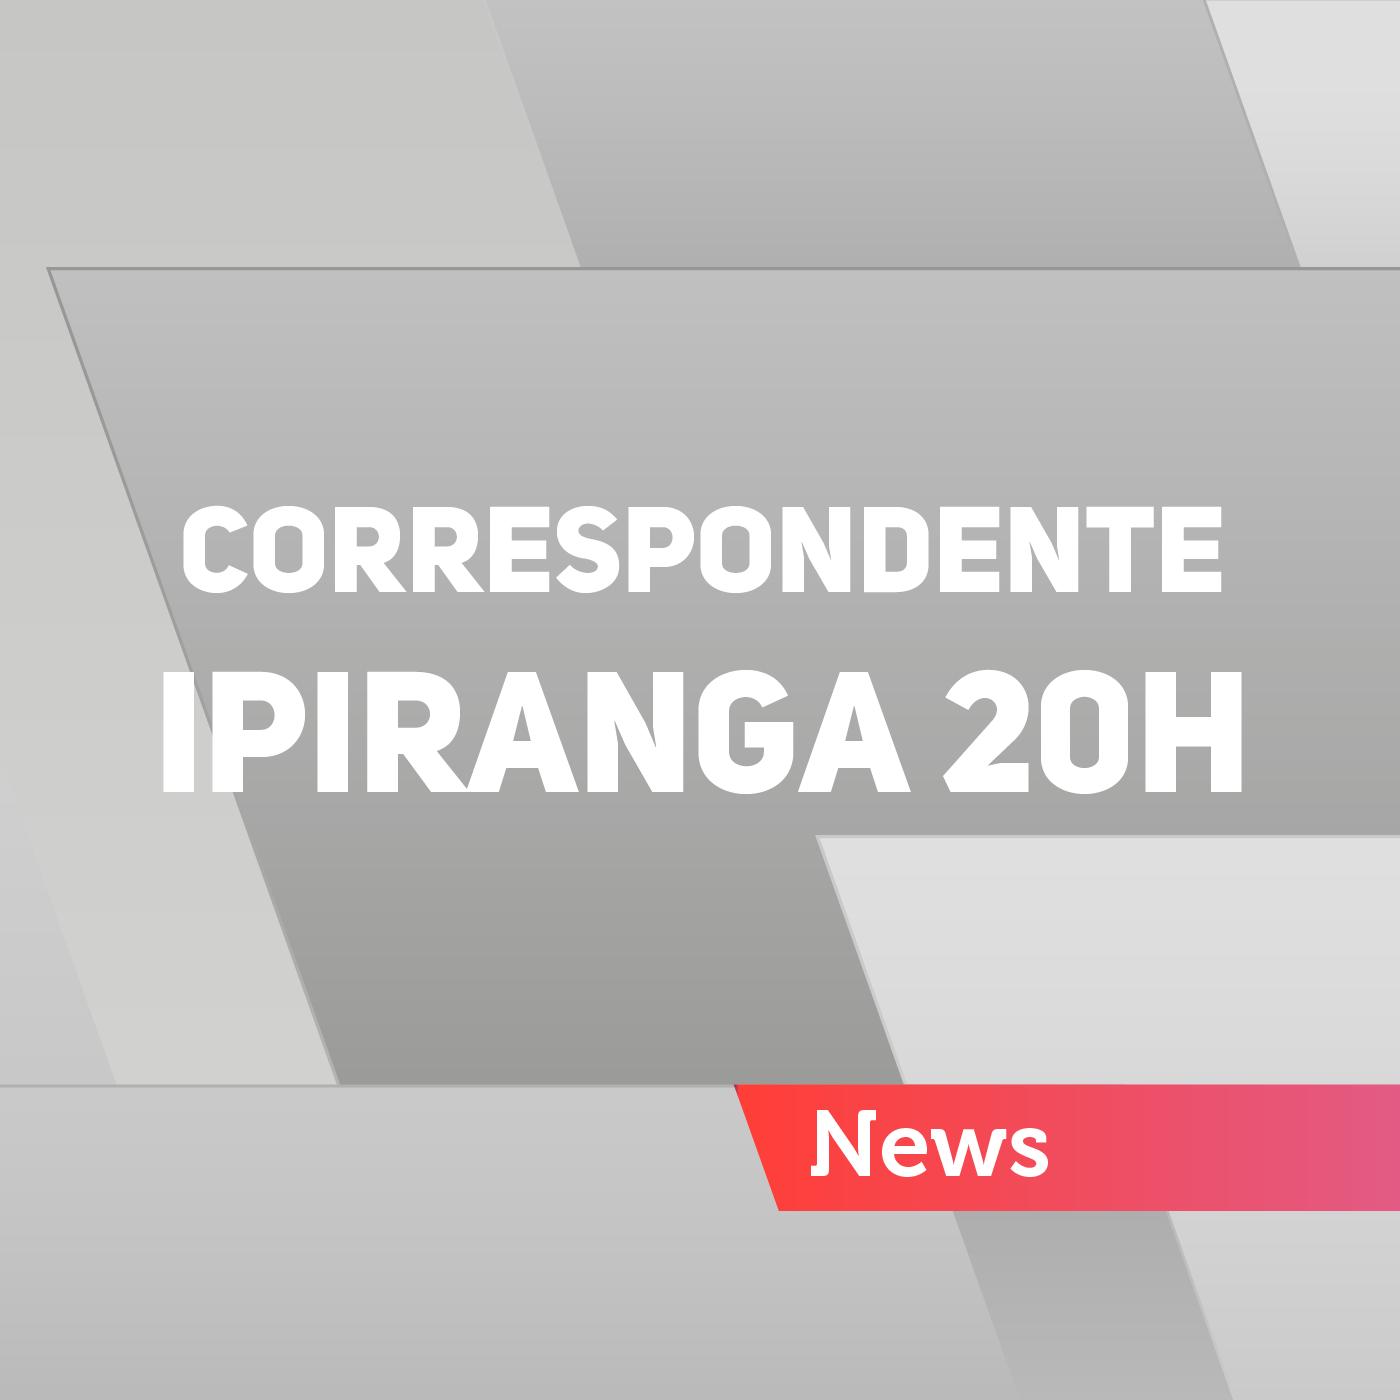 Correspondente Ipiranga 20h - 27/02/2017